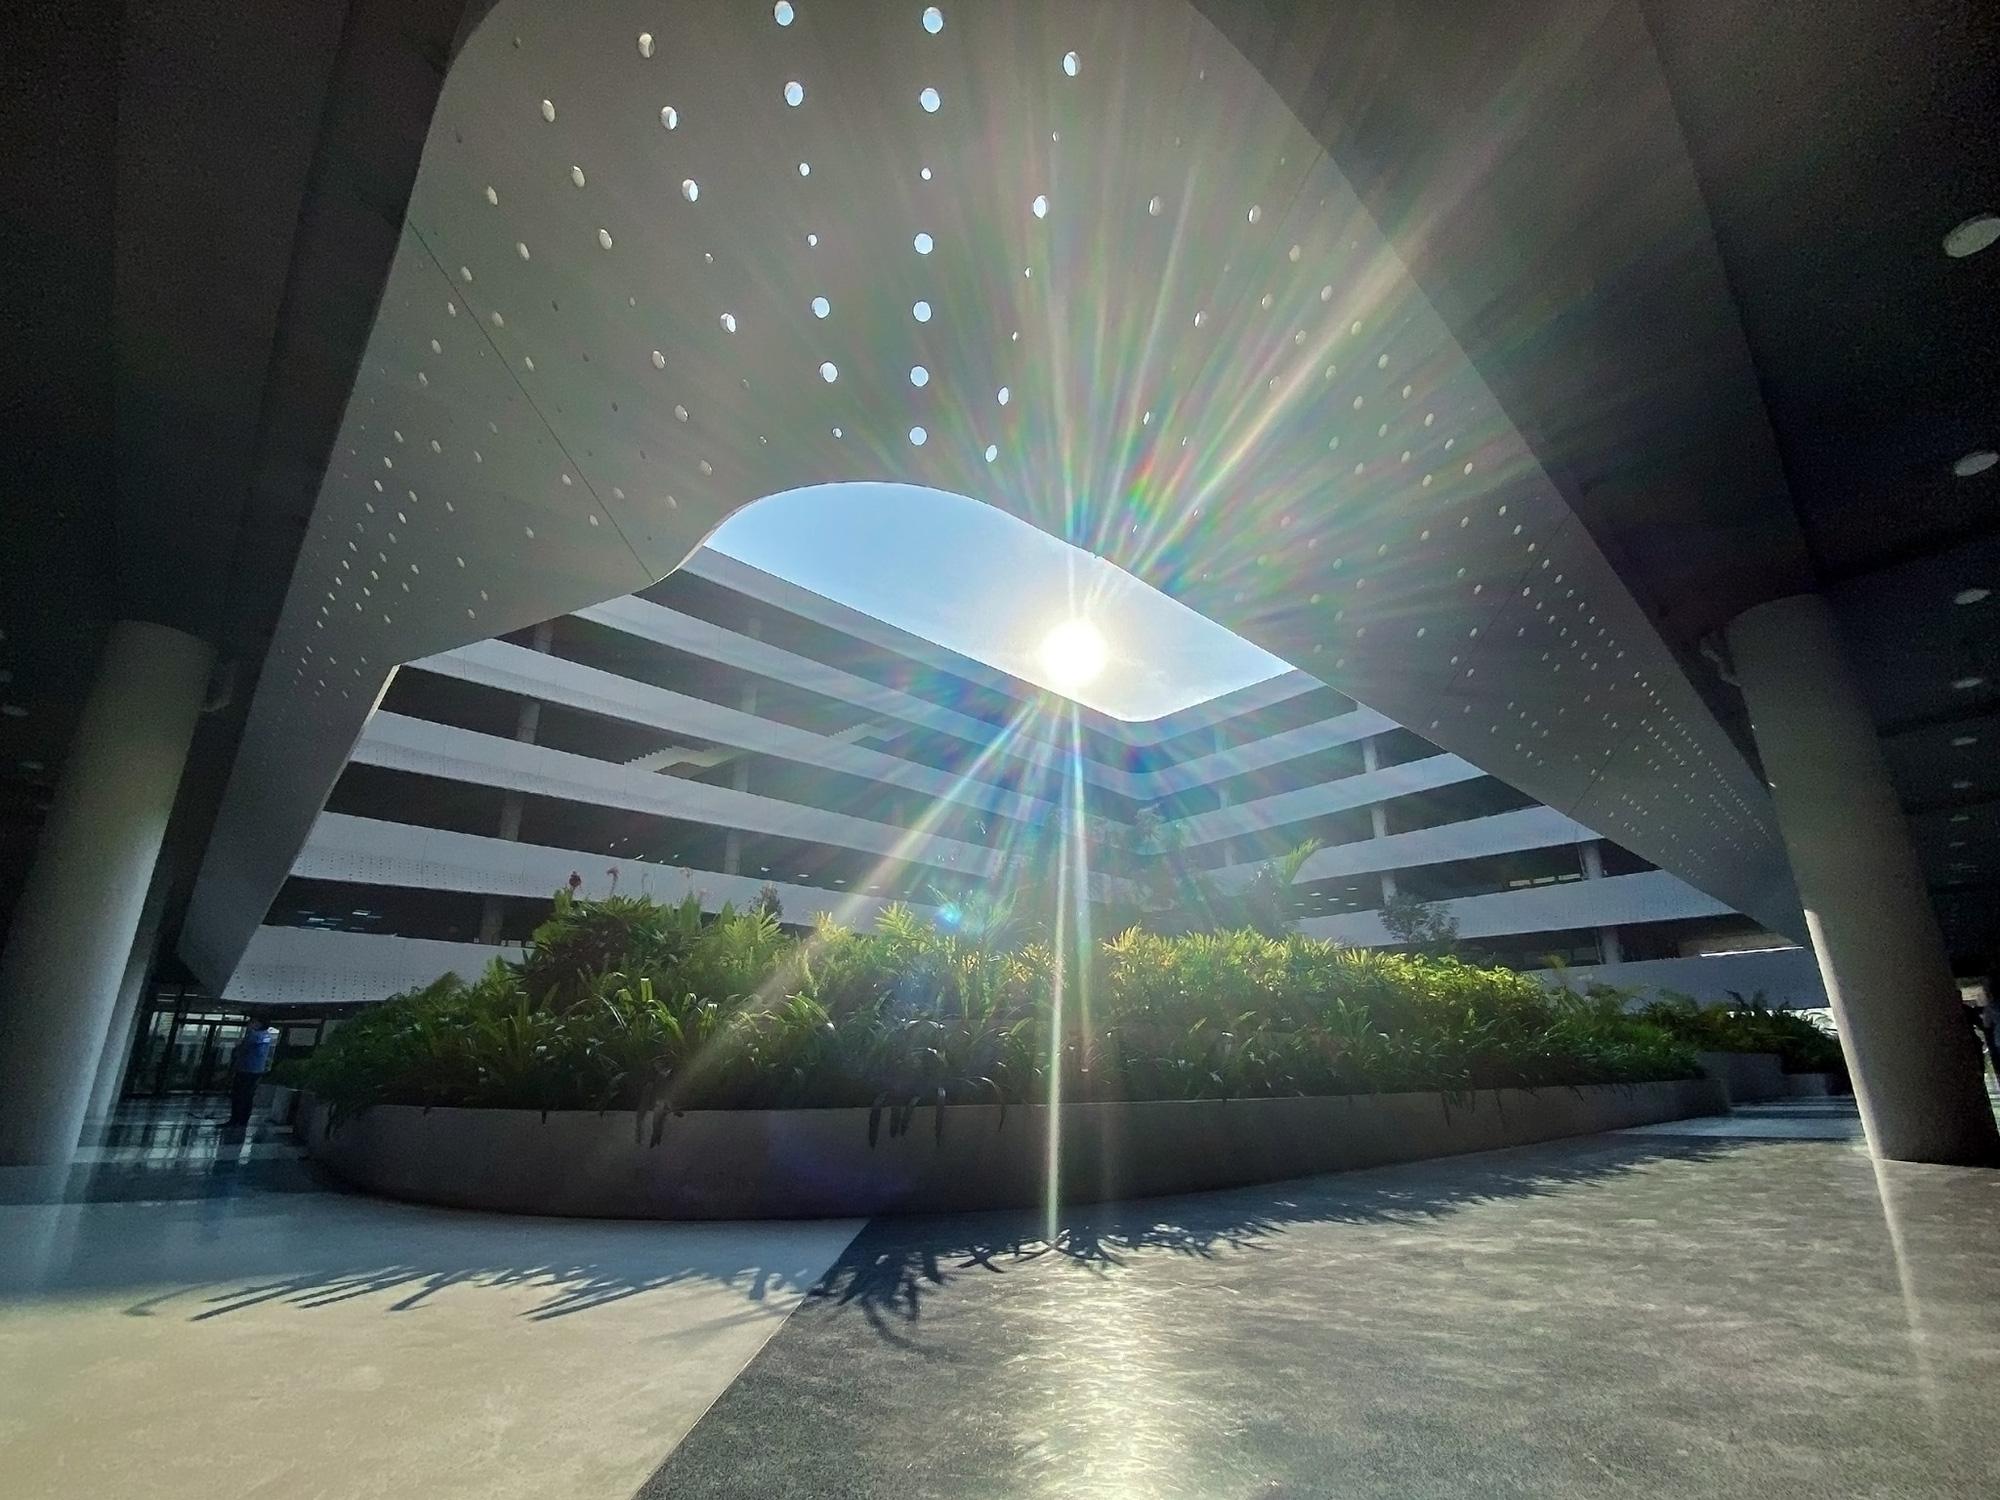 Trụ sở công ty công nghệ Việt lọt top công trình kiến trúc tiêu biểu - Ảnh 3.